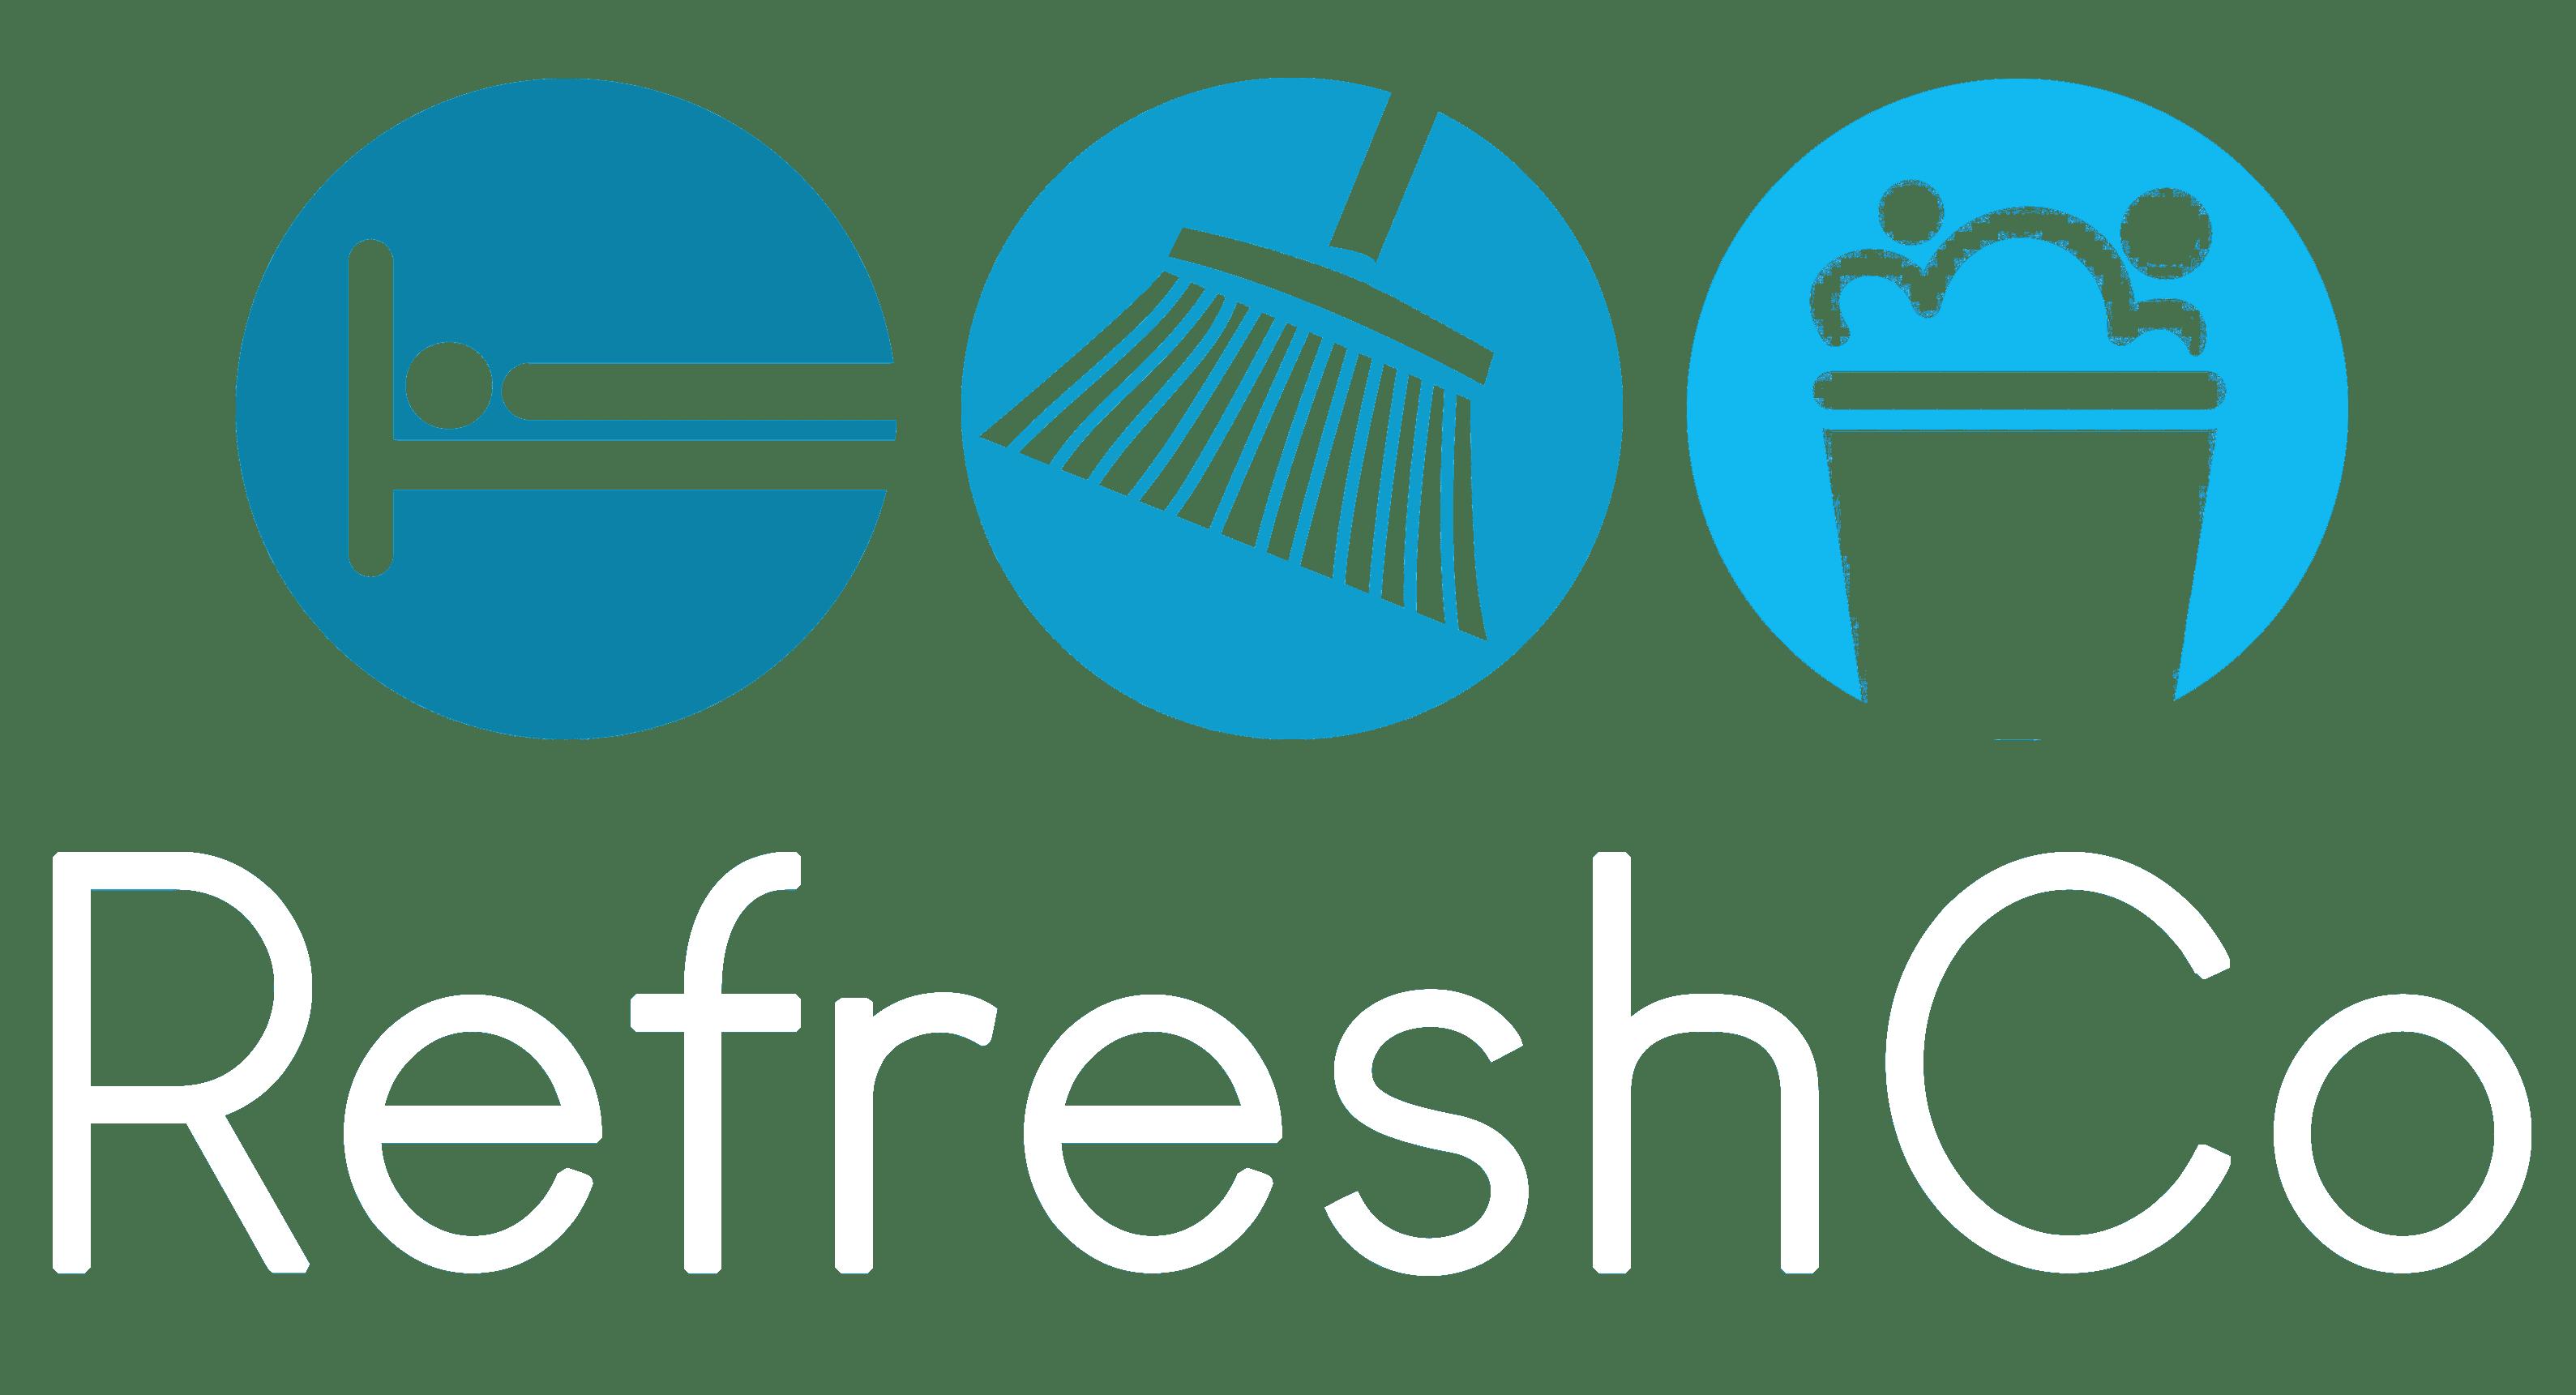 Refreshcoatl